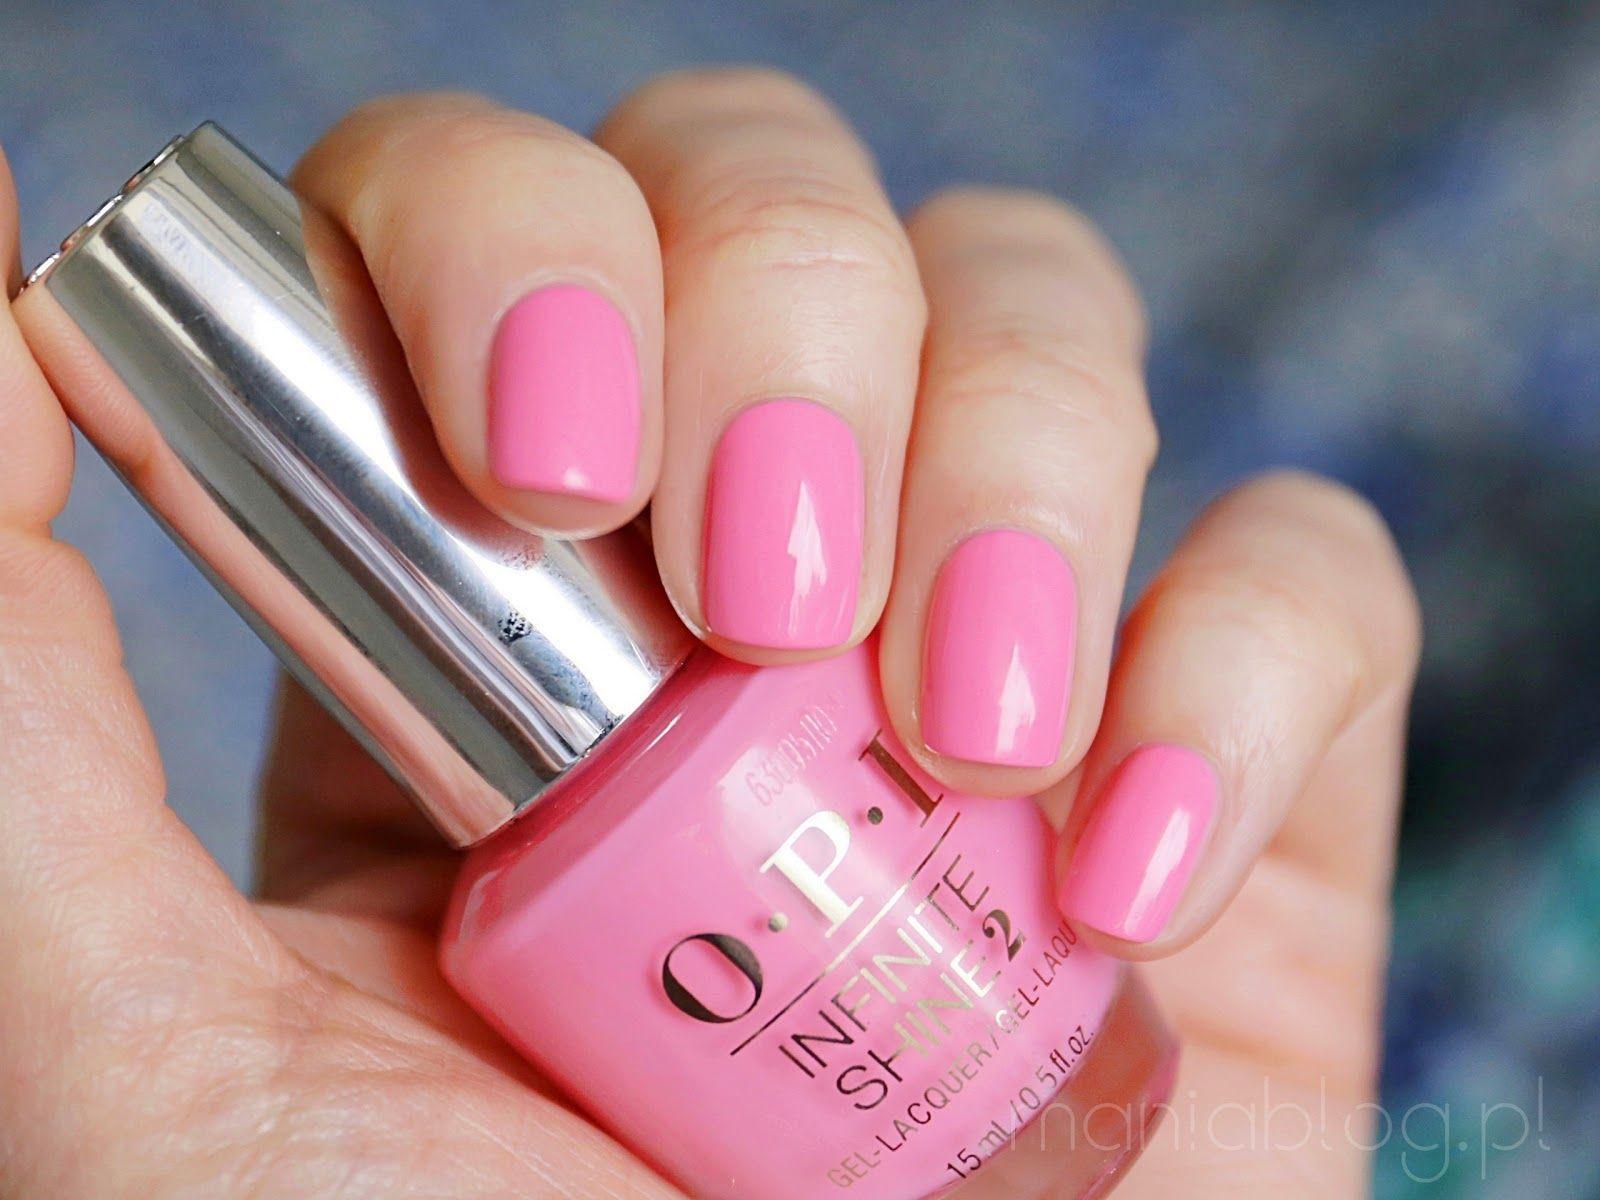 Opi Infinite Shine Malibu Pier Pressure California Dreaming Precious Nails Nail Polish Colors Hot Nails